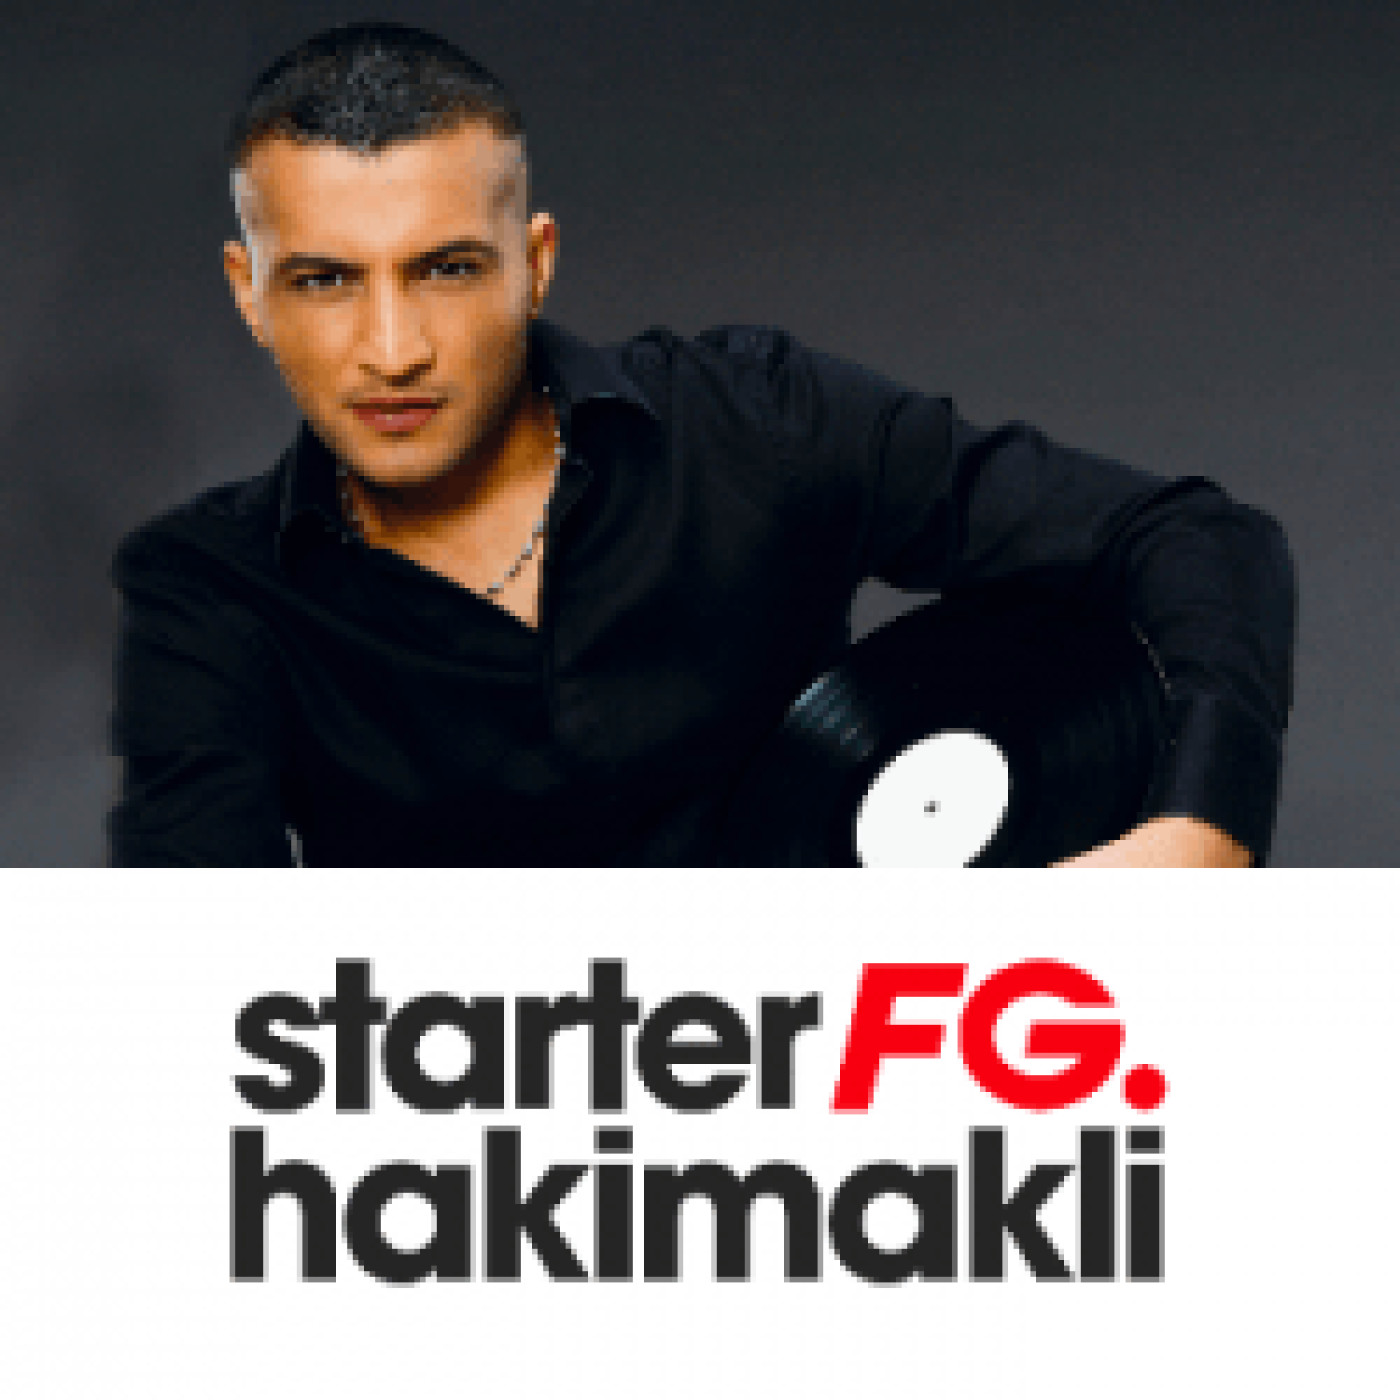 STARTER FG BY HAKIMAKLI JEUDI 24 SEPTEMBRE 2020